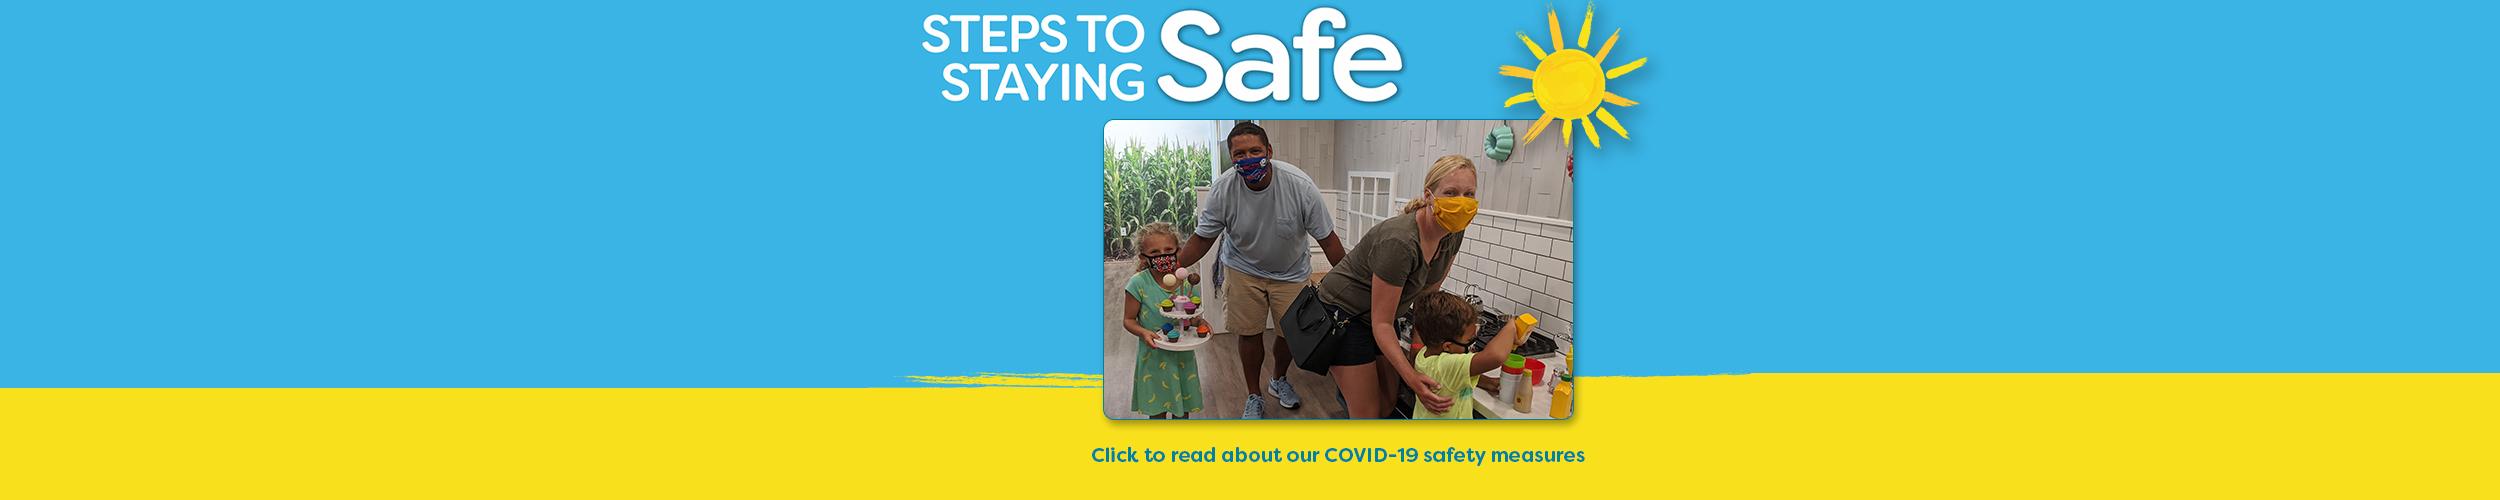 Steps to staying safe webslider